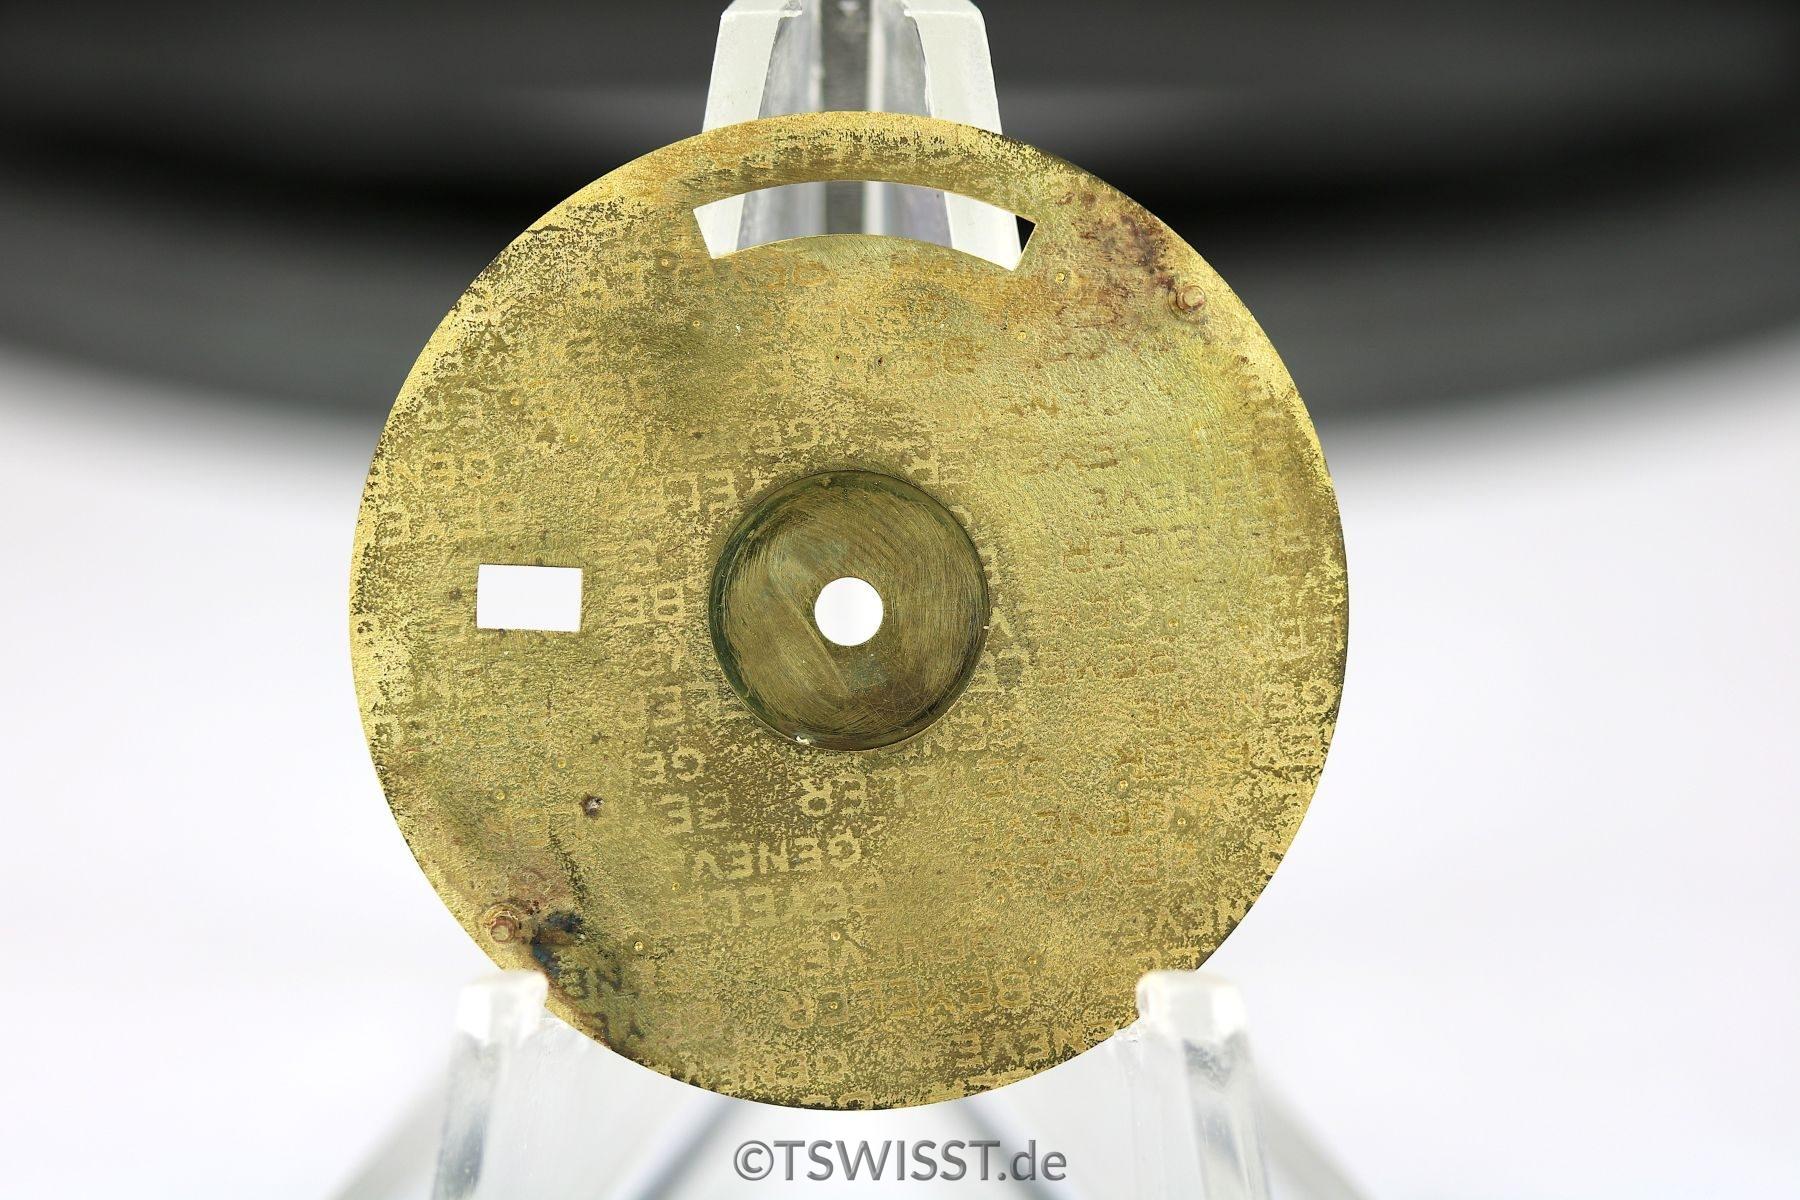 Rolex Day-date linen dial